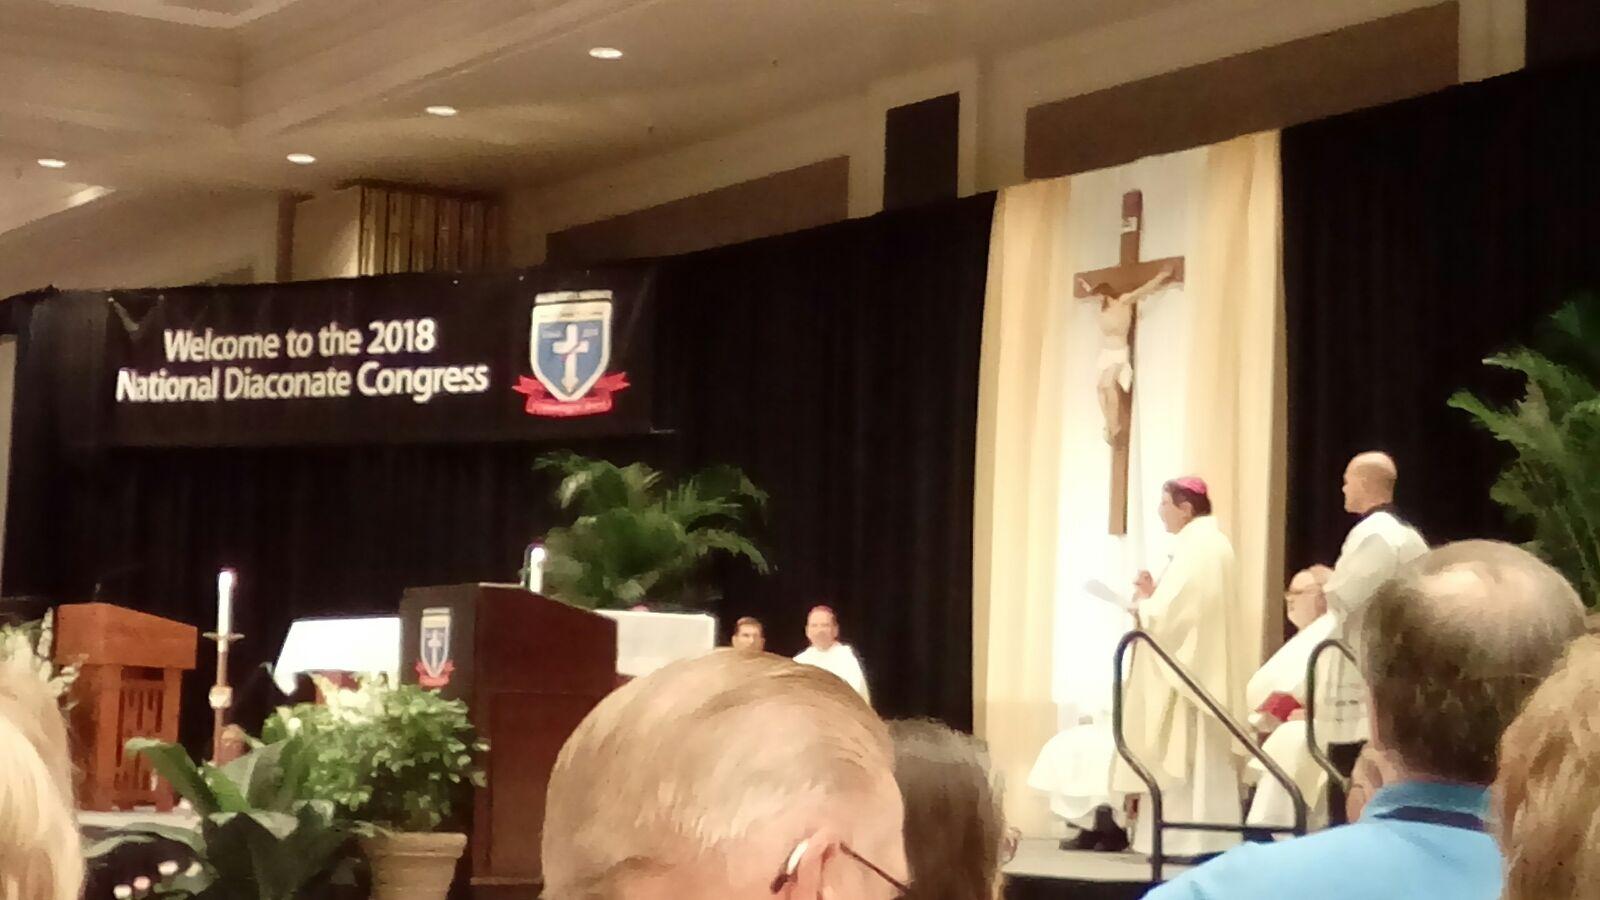 EEUU: Congreso del diaconado 2018 en Nueva Orleans